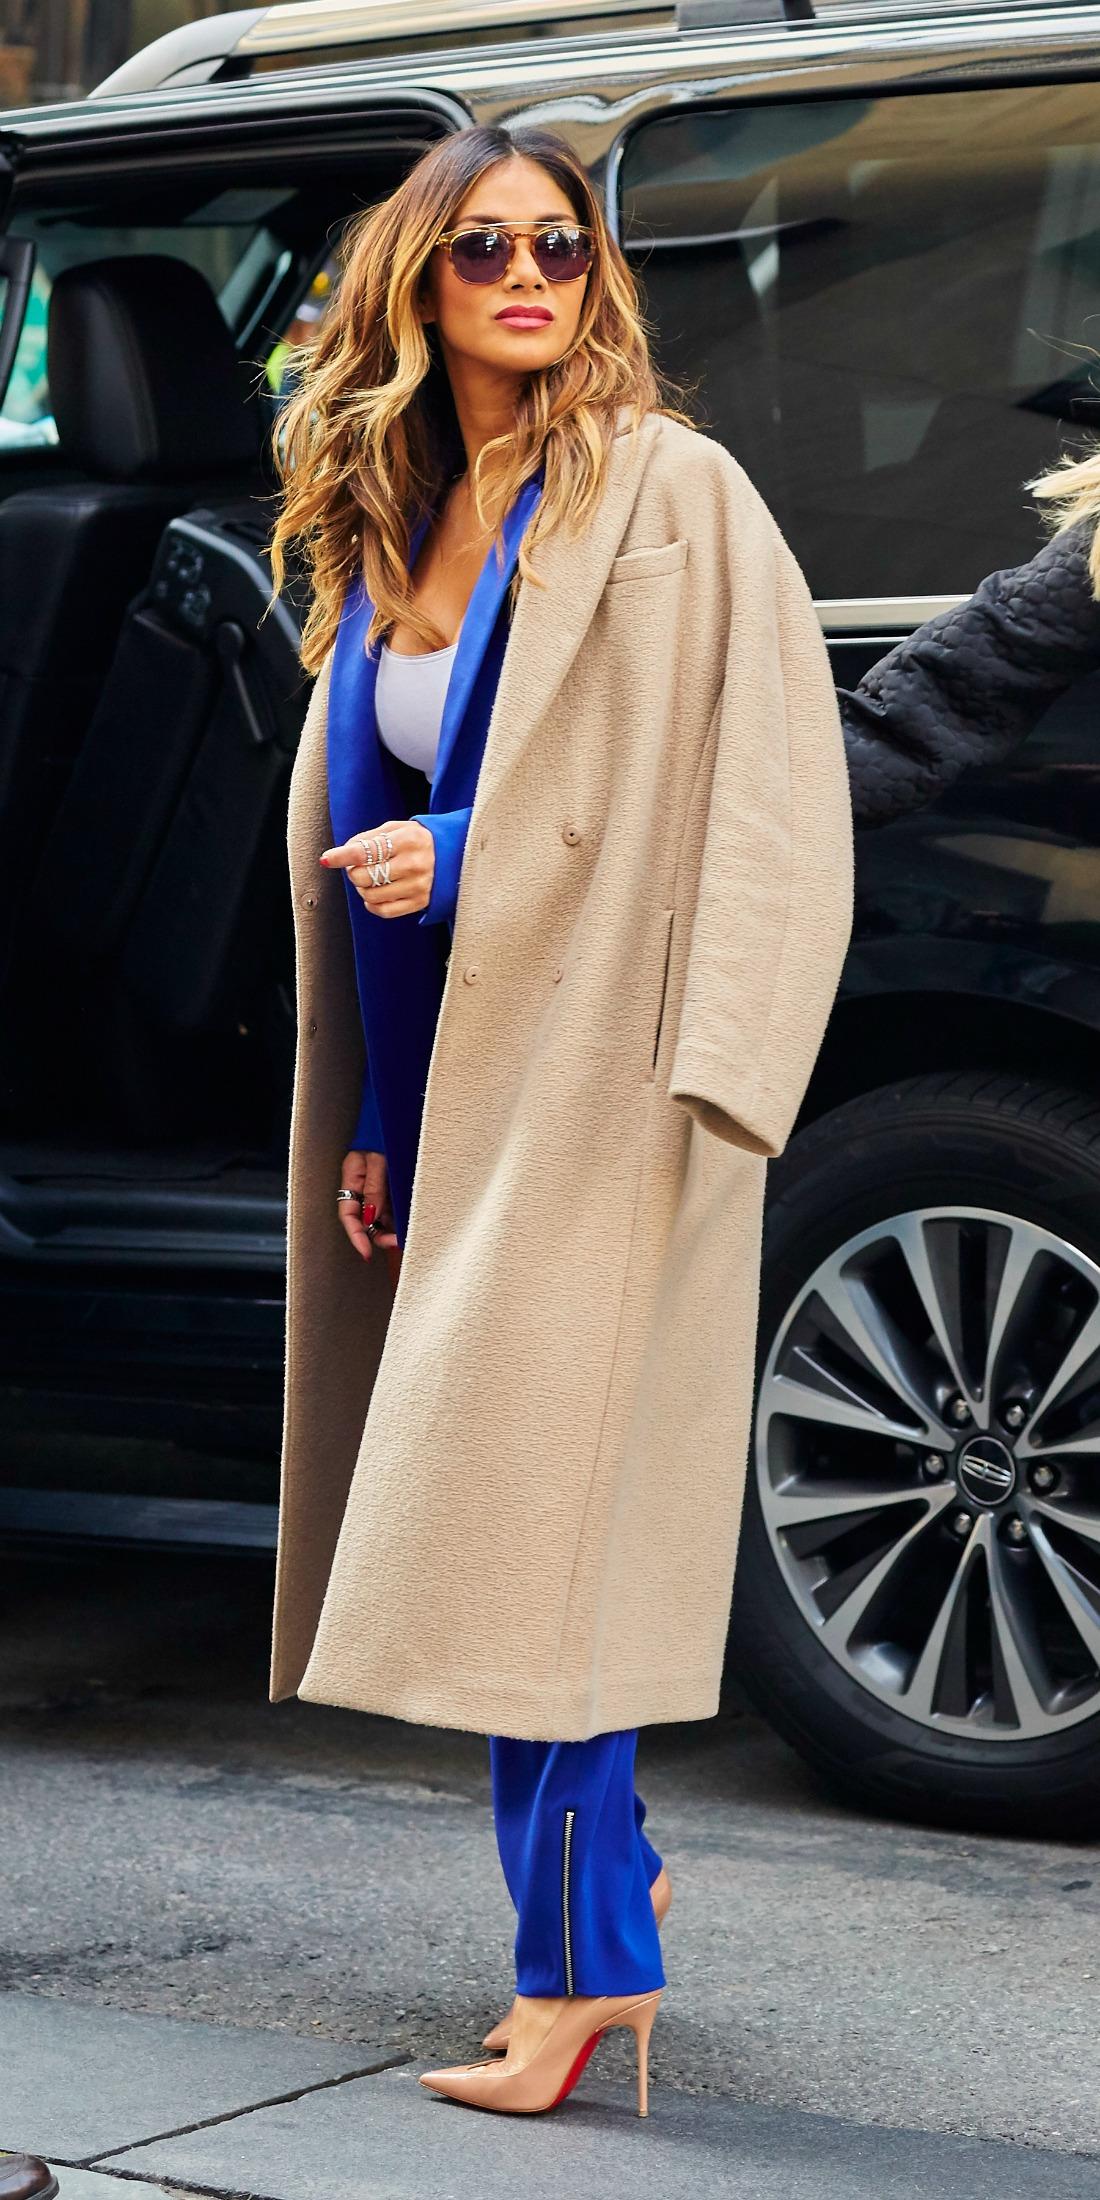 Καμηλό παλτό  Οι celebrities σου δείχνουν πώς να φορέσεις το πιο hot ... 9a88b6fe01c